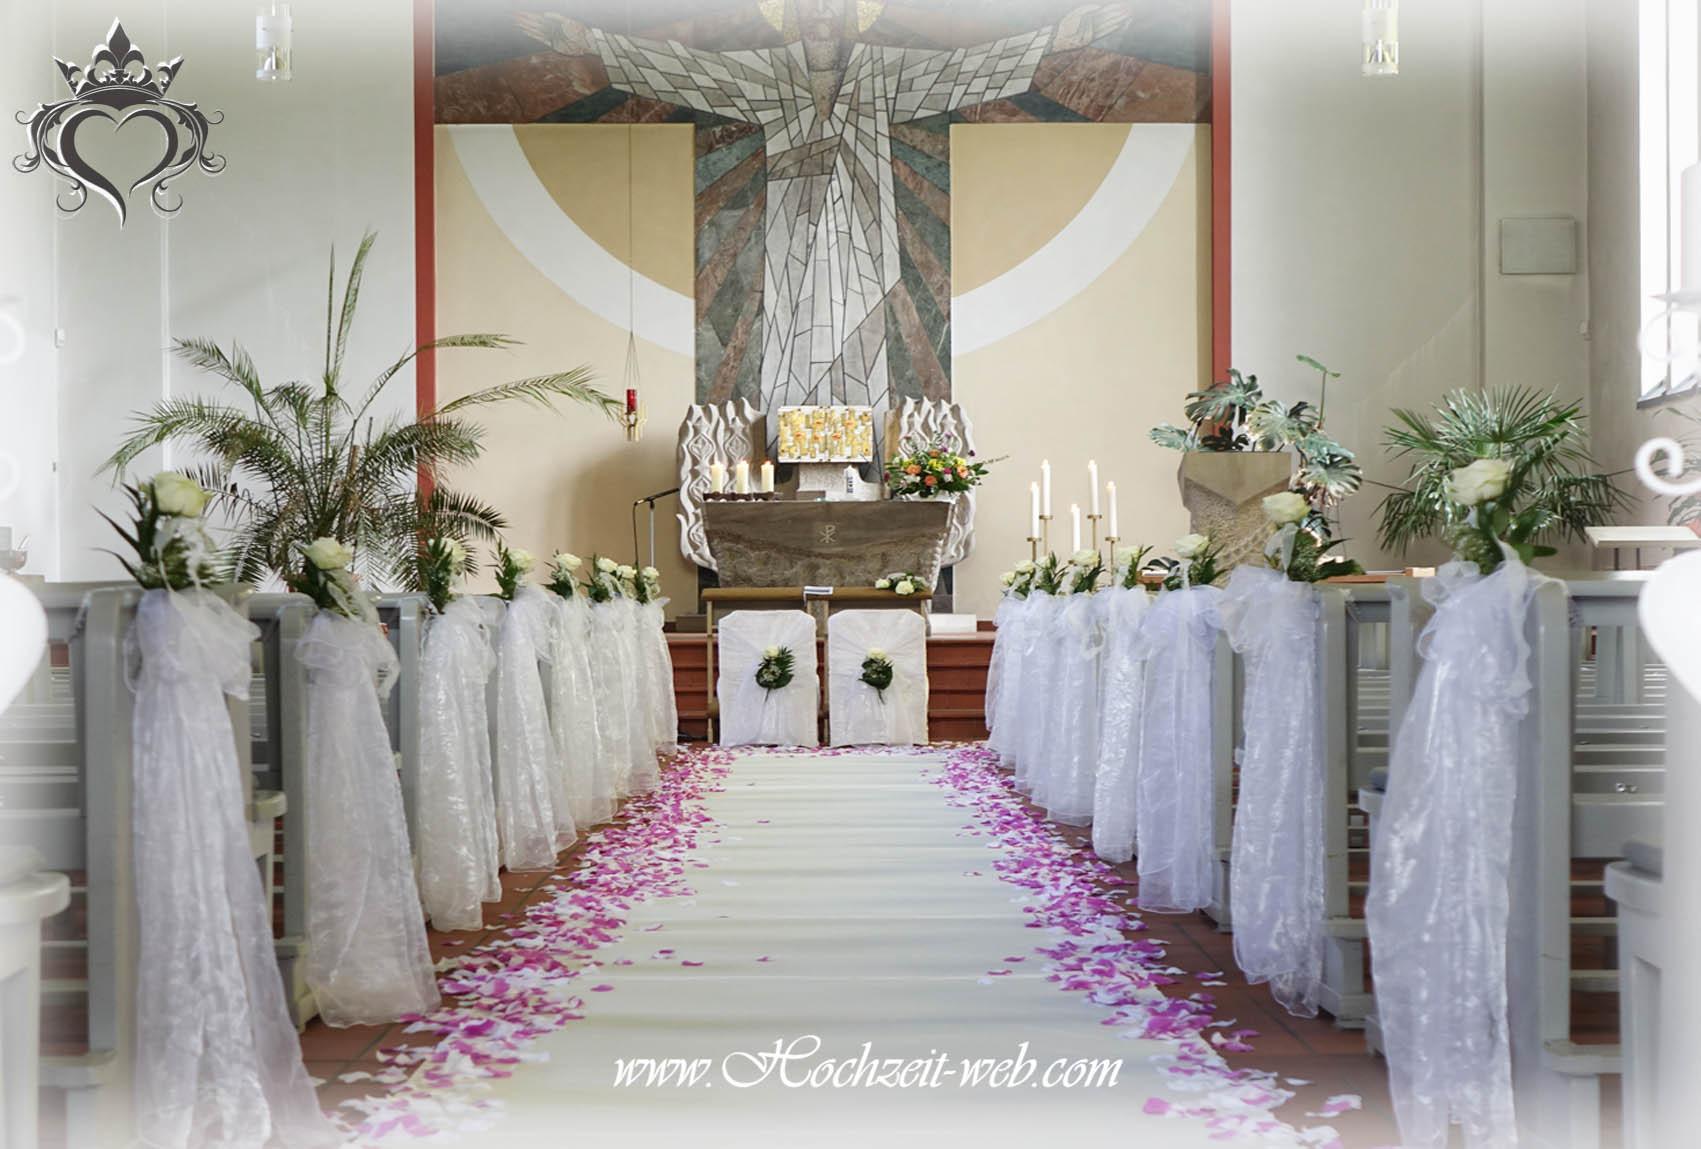 Kirchendeko Hochzeit  Kirchendekoration und Dekoration für Trauung im Freien